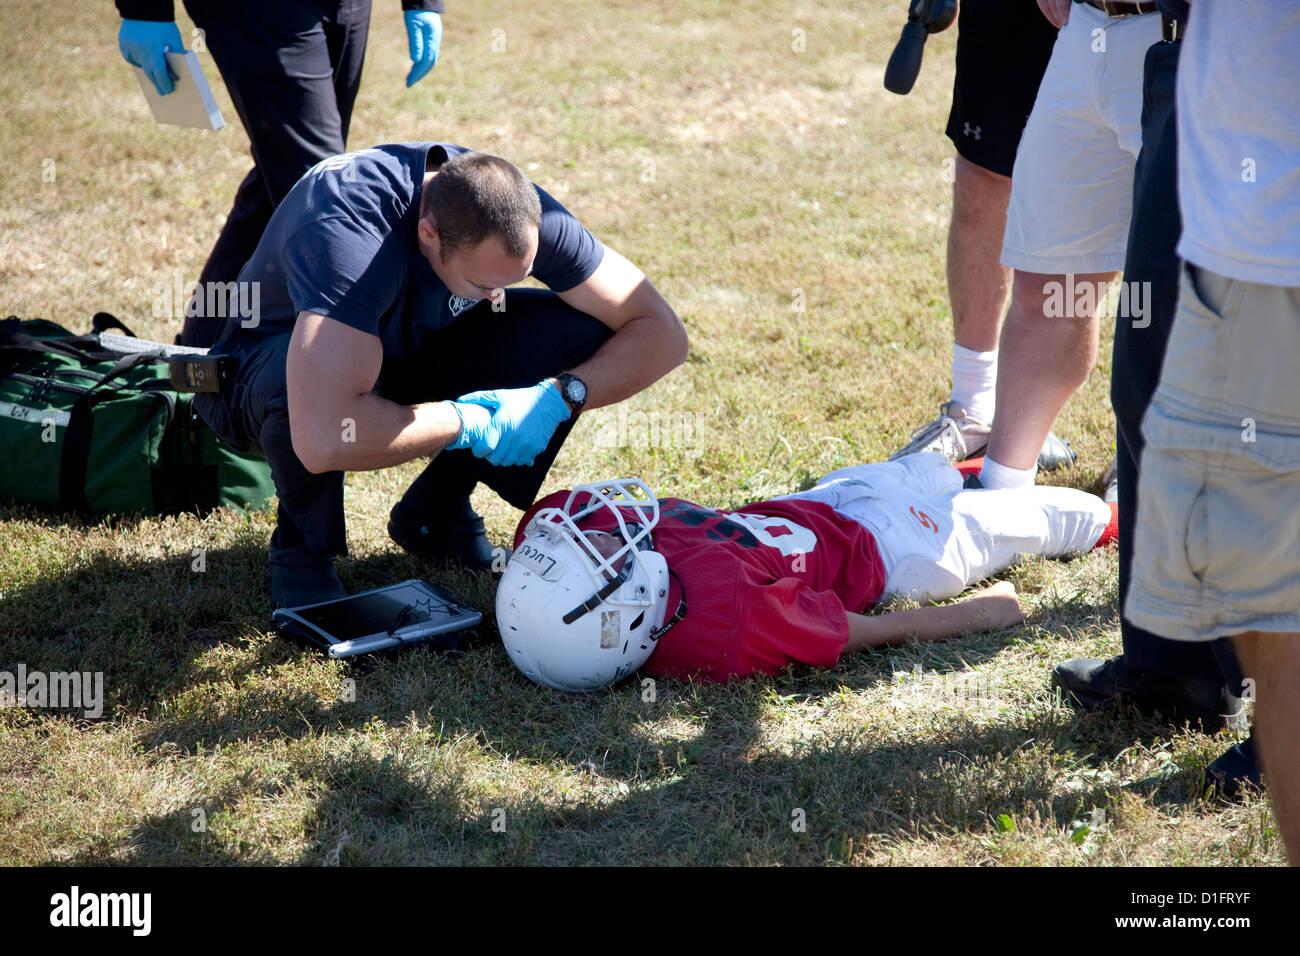 Parler de football blessé paramédic dvd avec une possible commotion. Hauteur Conway's Park St Paul Photo Stock